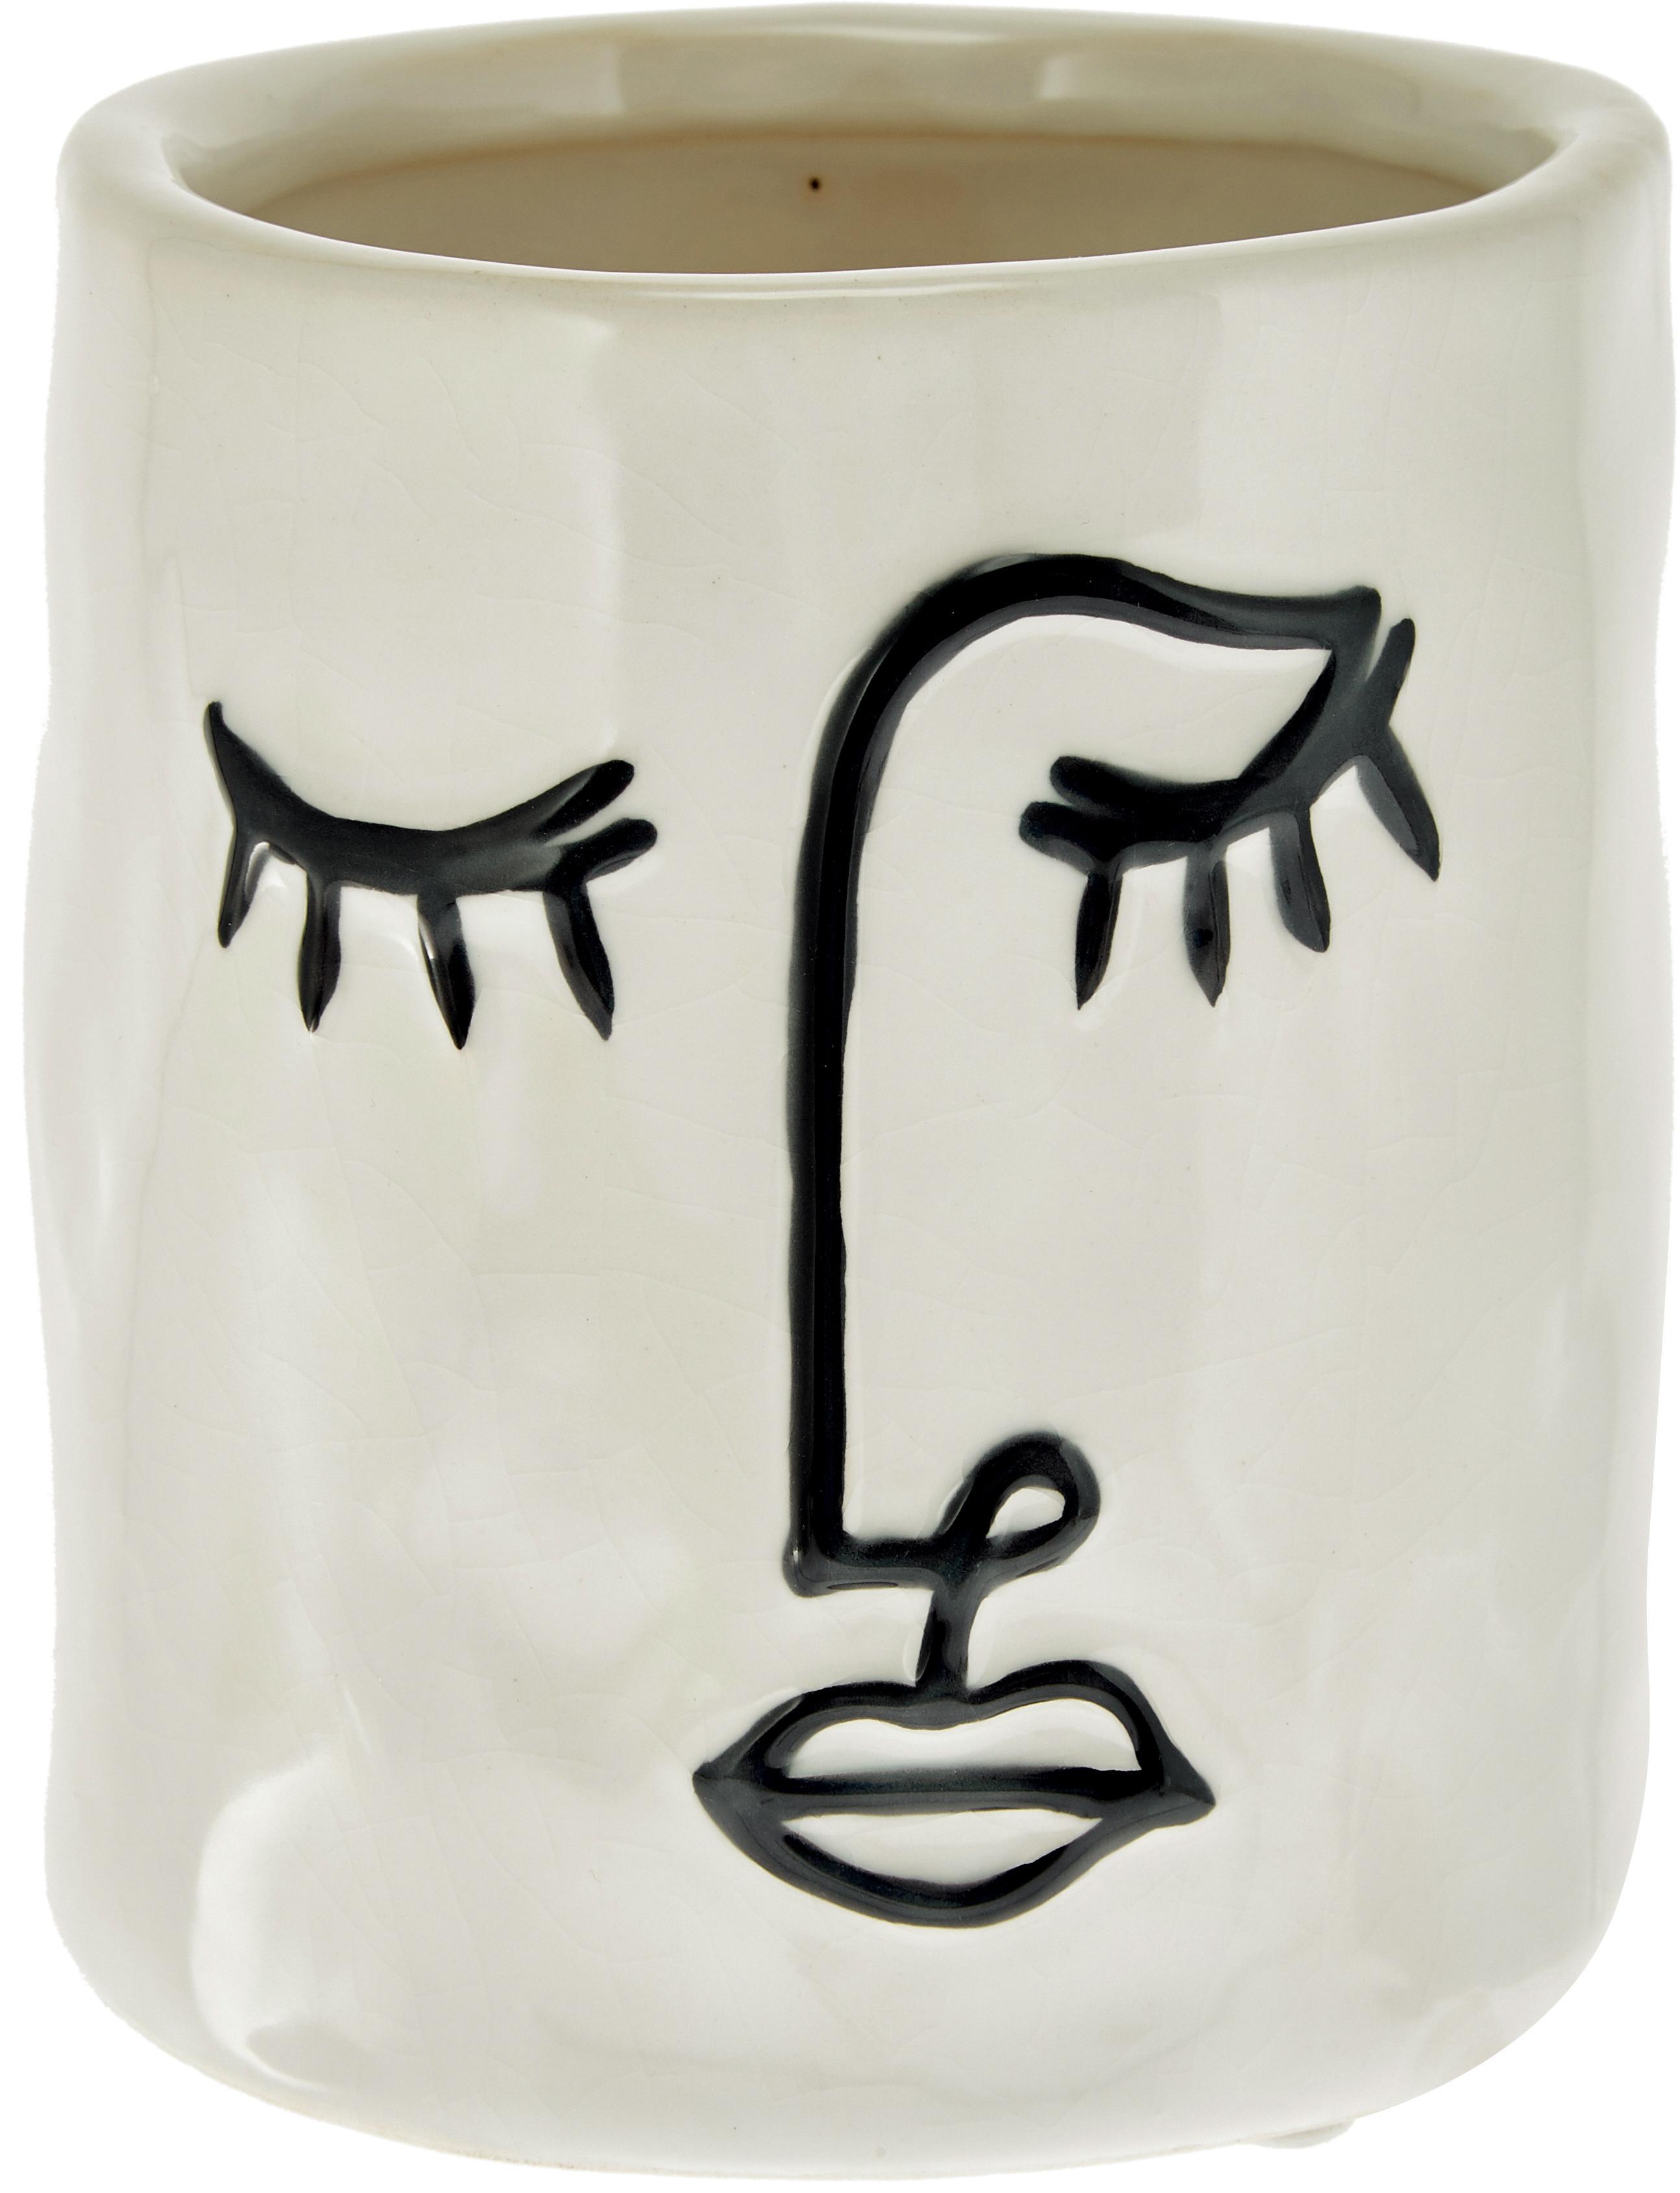 Übertopf Face, Steingut, Gebrochenes Weiß, Schwarz, Ø 12 x H 13 cm